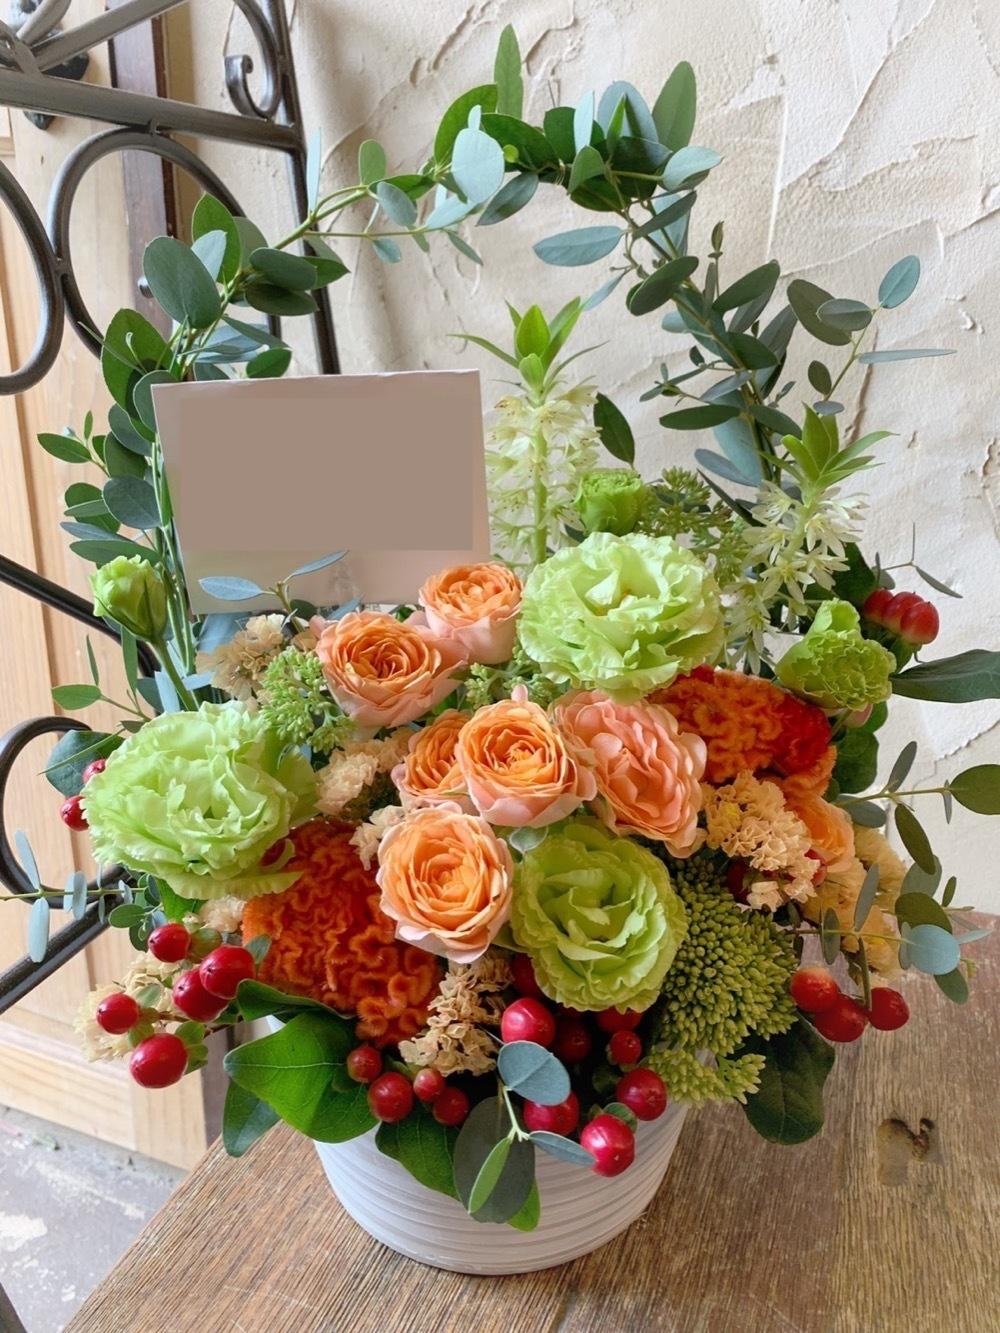 「新たな門出をお祝いしたい」美容室さま開店祝い花